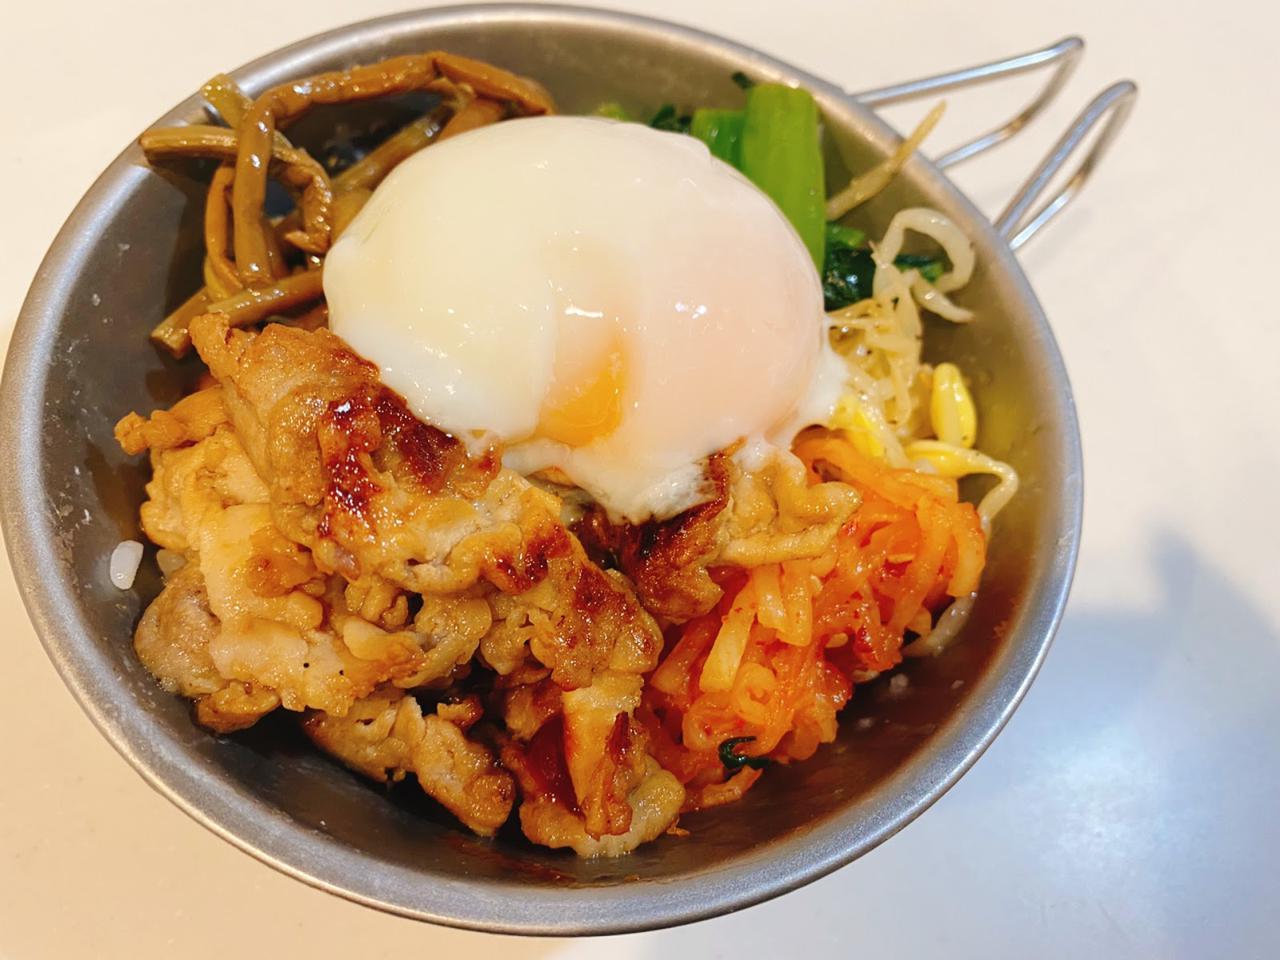 【シェラカップde炊飯】シェラカップで美味しいご飯を炊く方法&簡単丼ぶりレシピをご紹介!